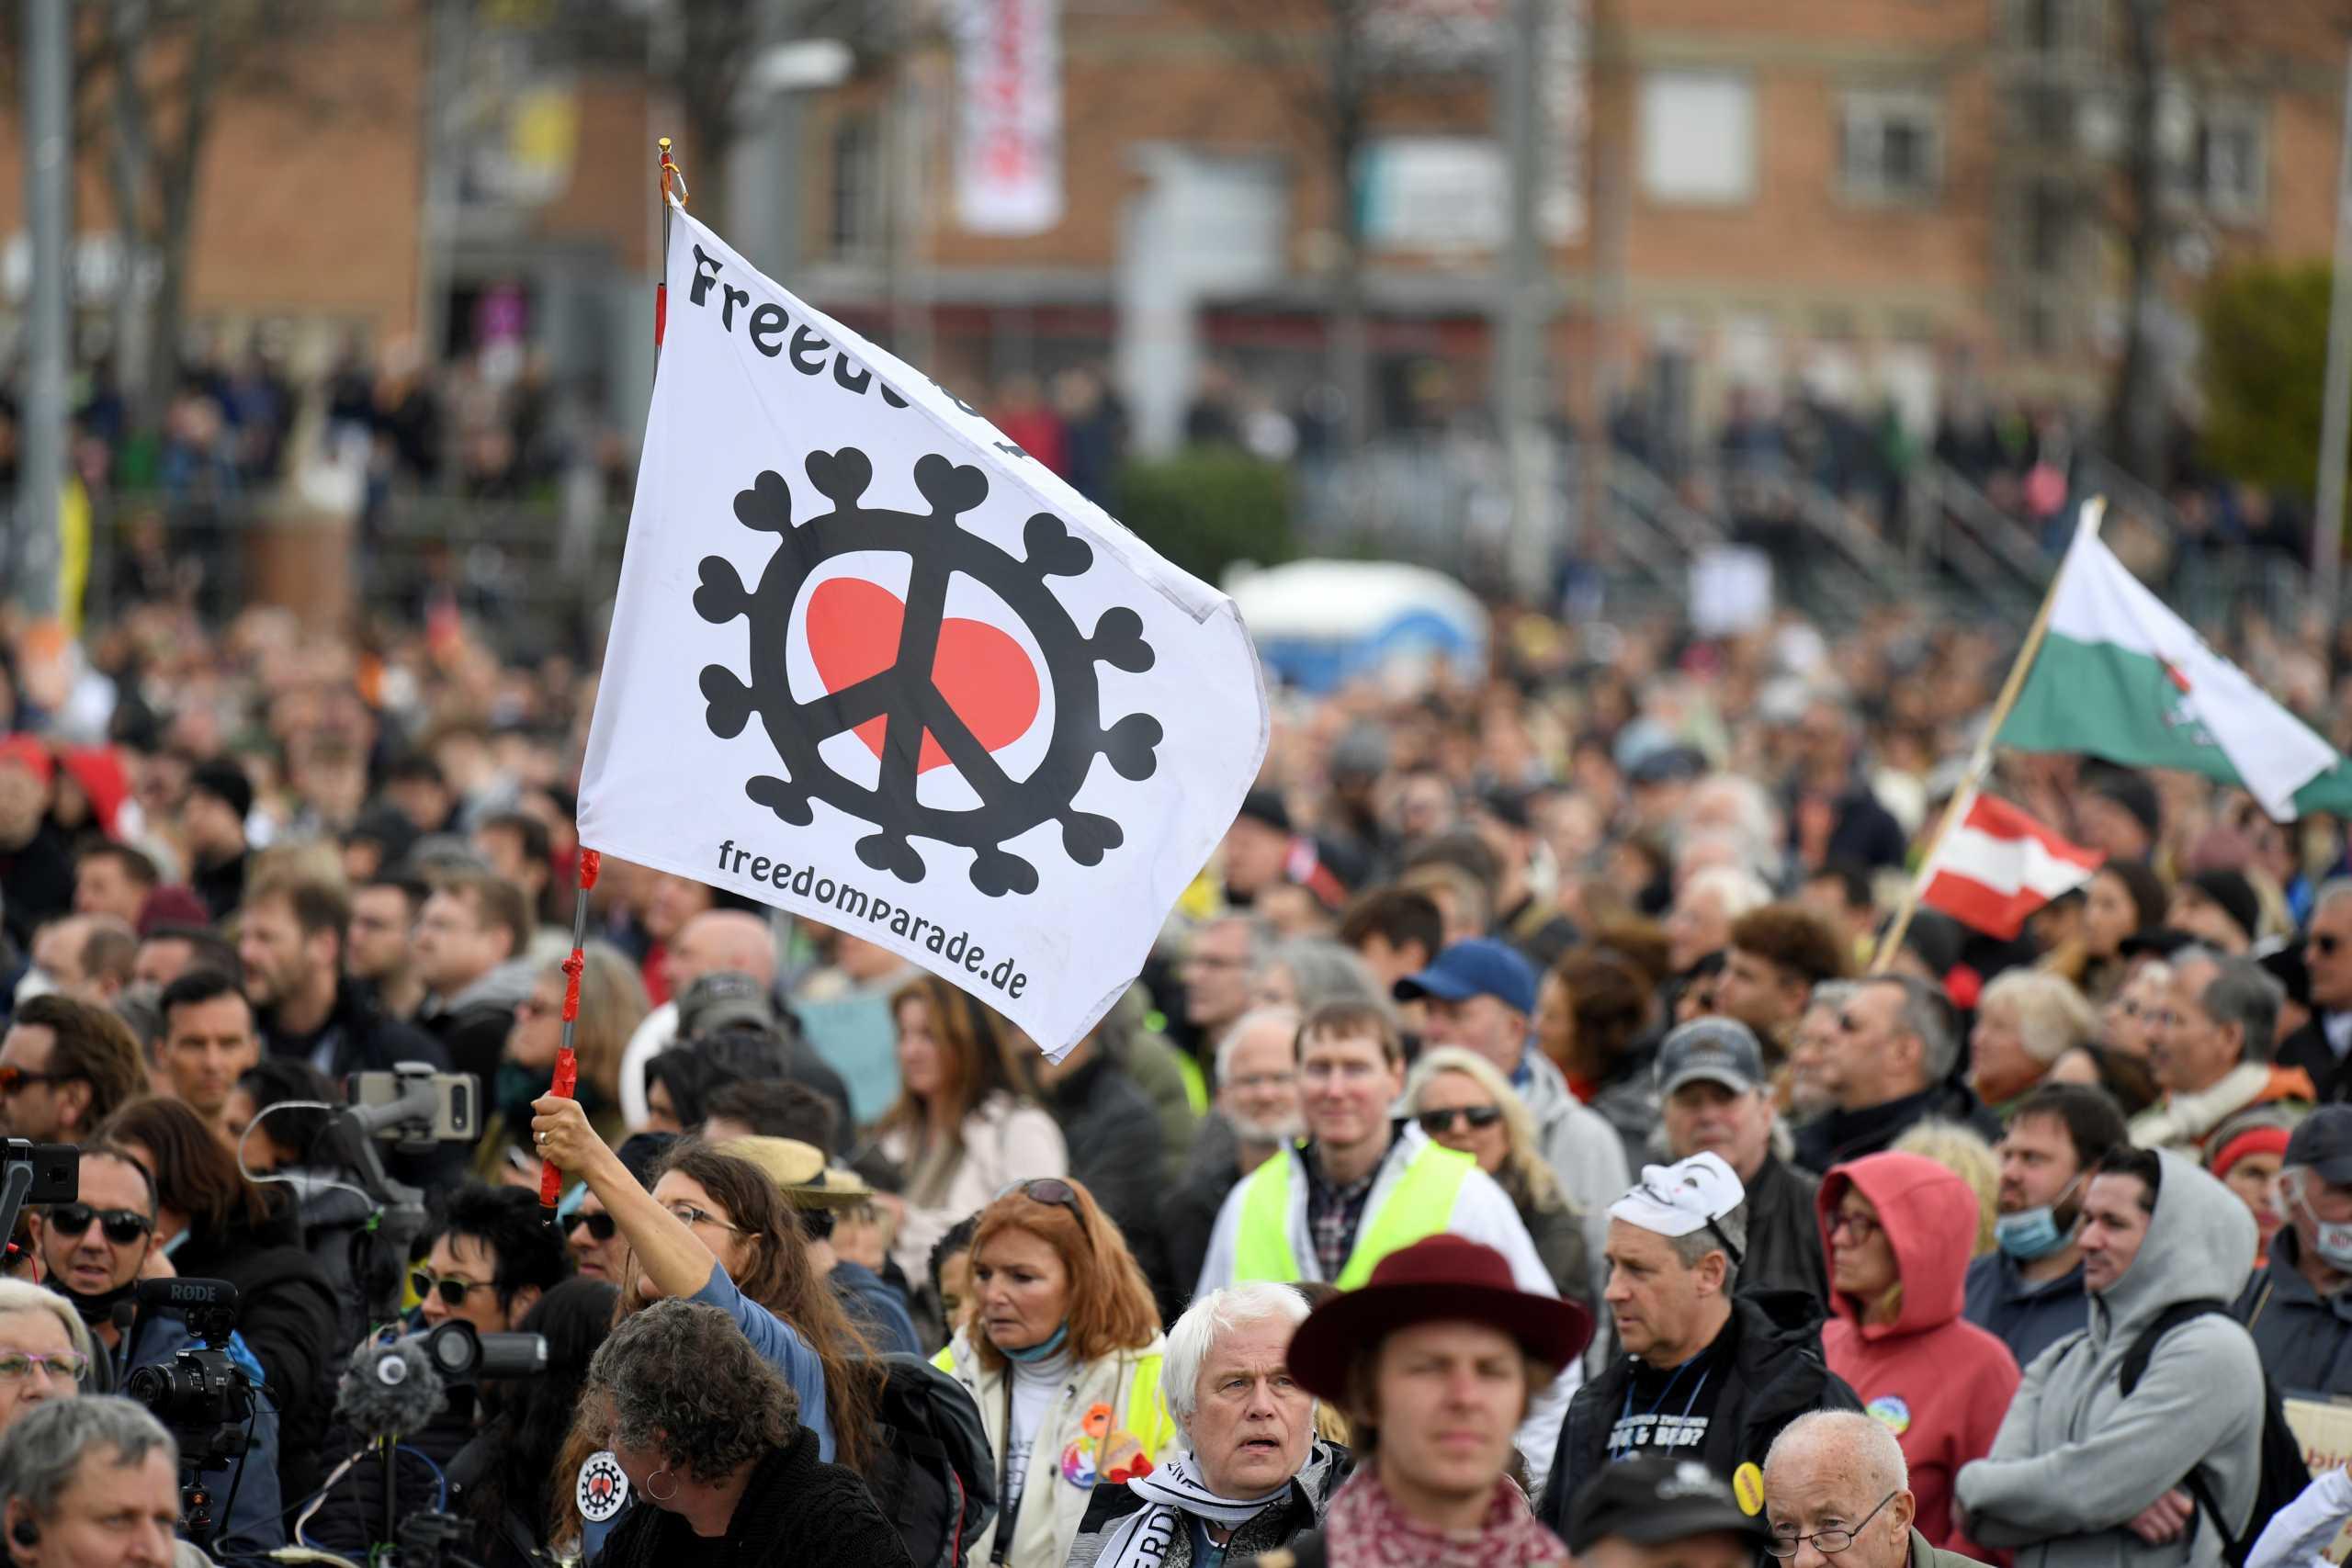 Γερμανία: Διαδήλωση κατά των μέτρων για την πανδημία στη Στουτγάρδη